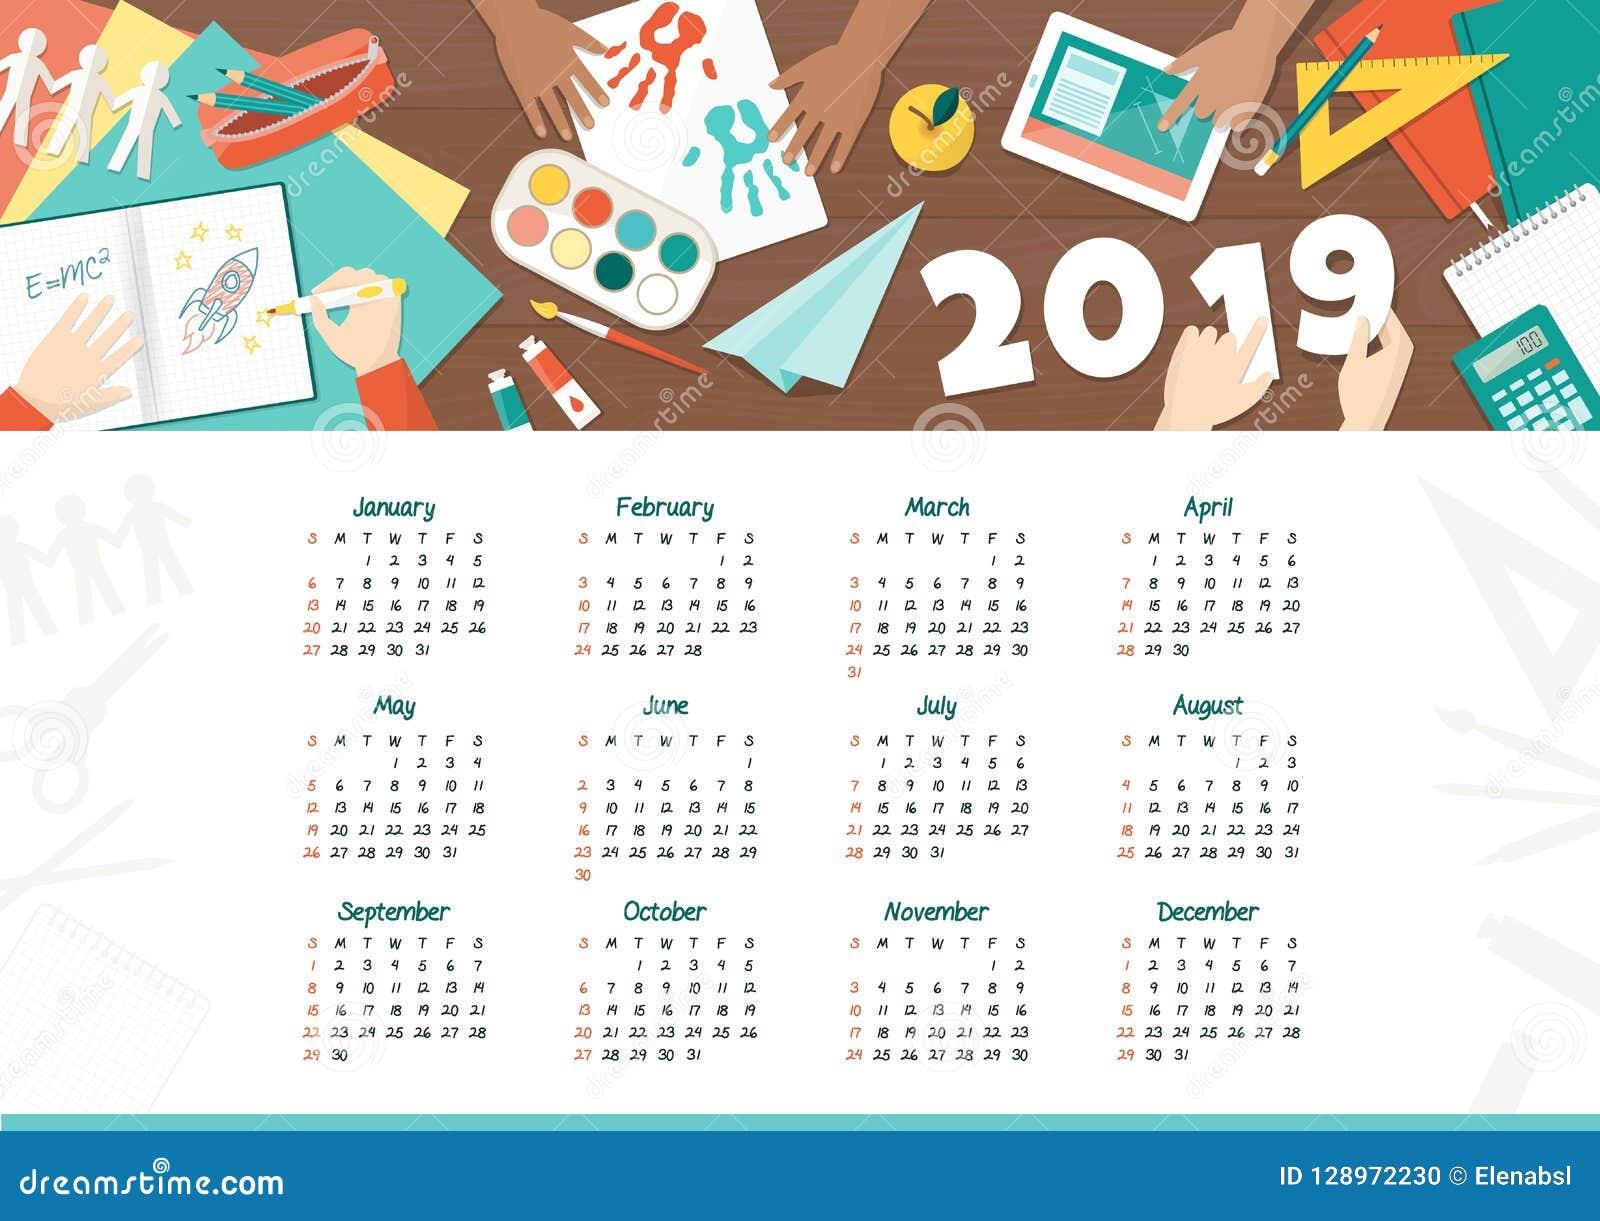 Bambini Creativi Al Calendario 2019 Della Scuola Illustrazione